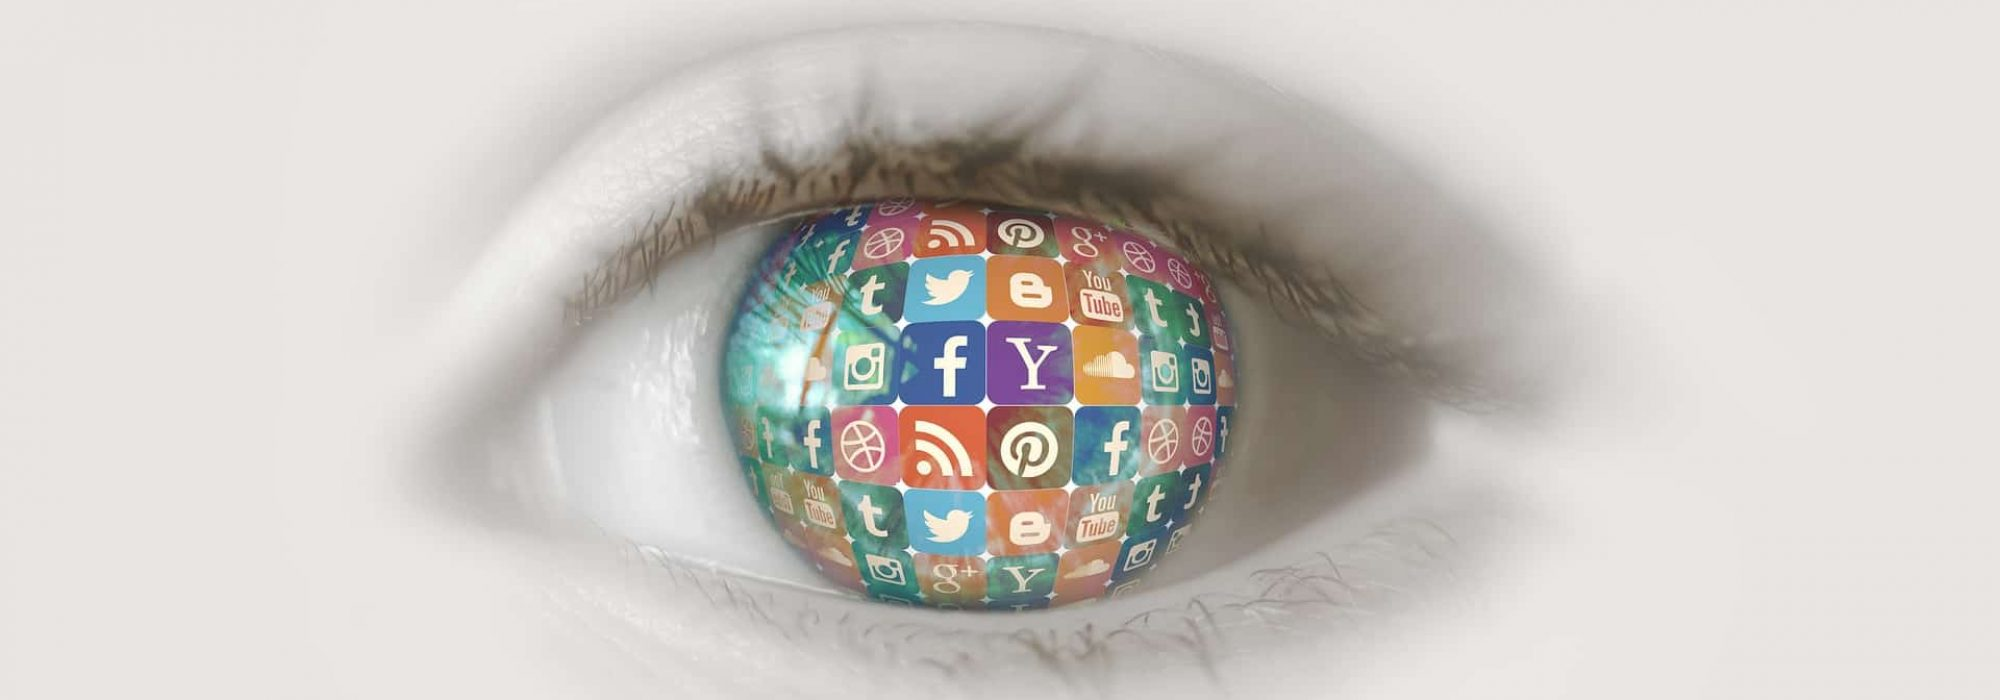 social-media-3739315_1920